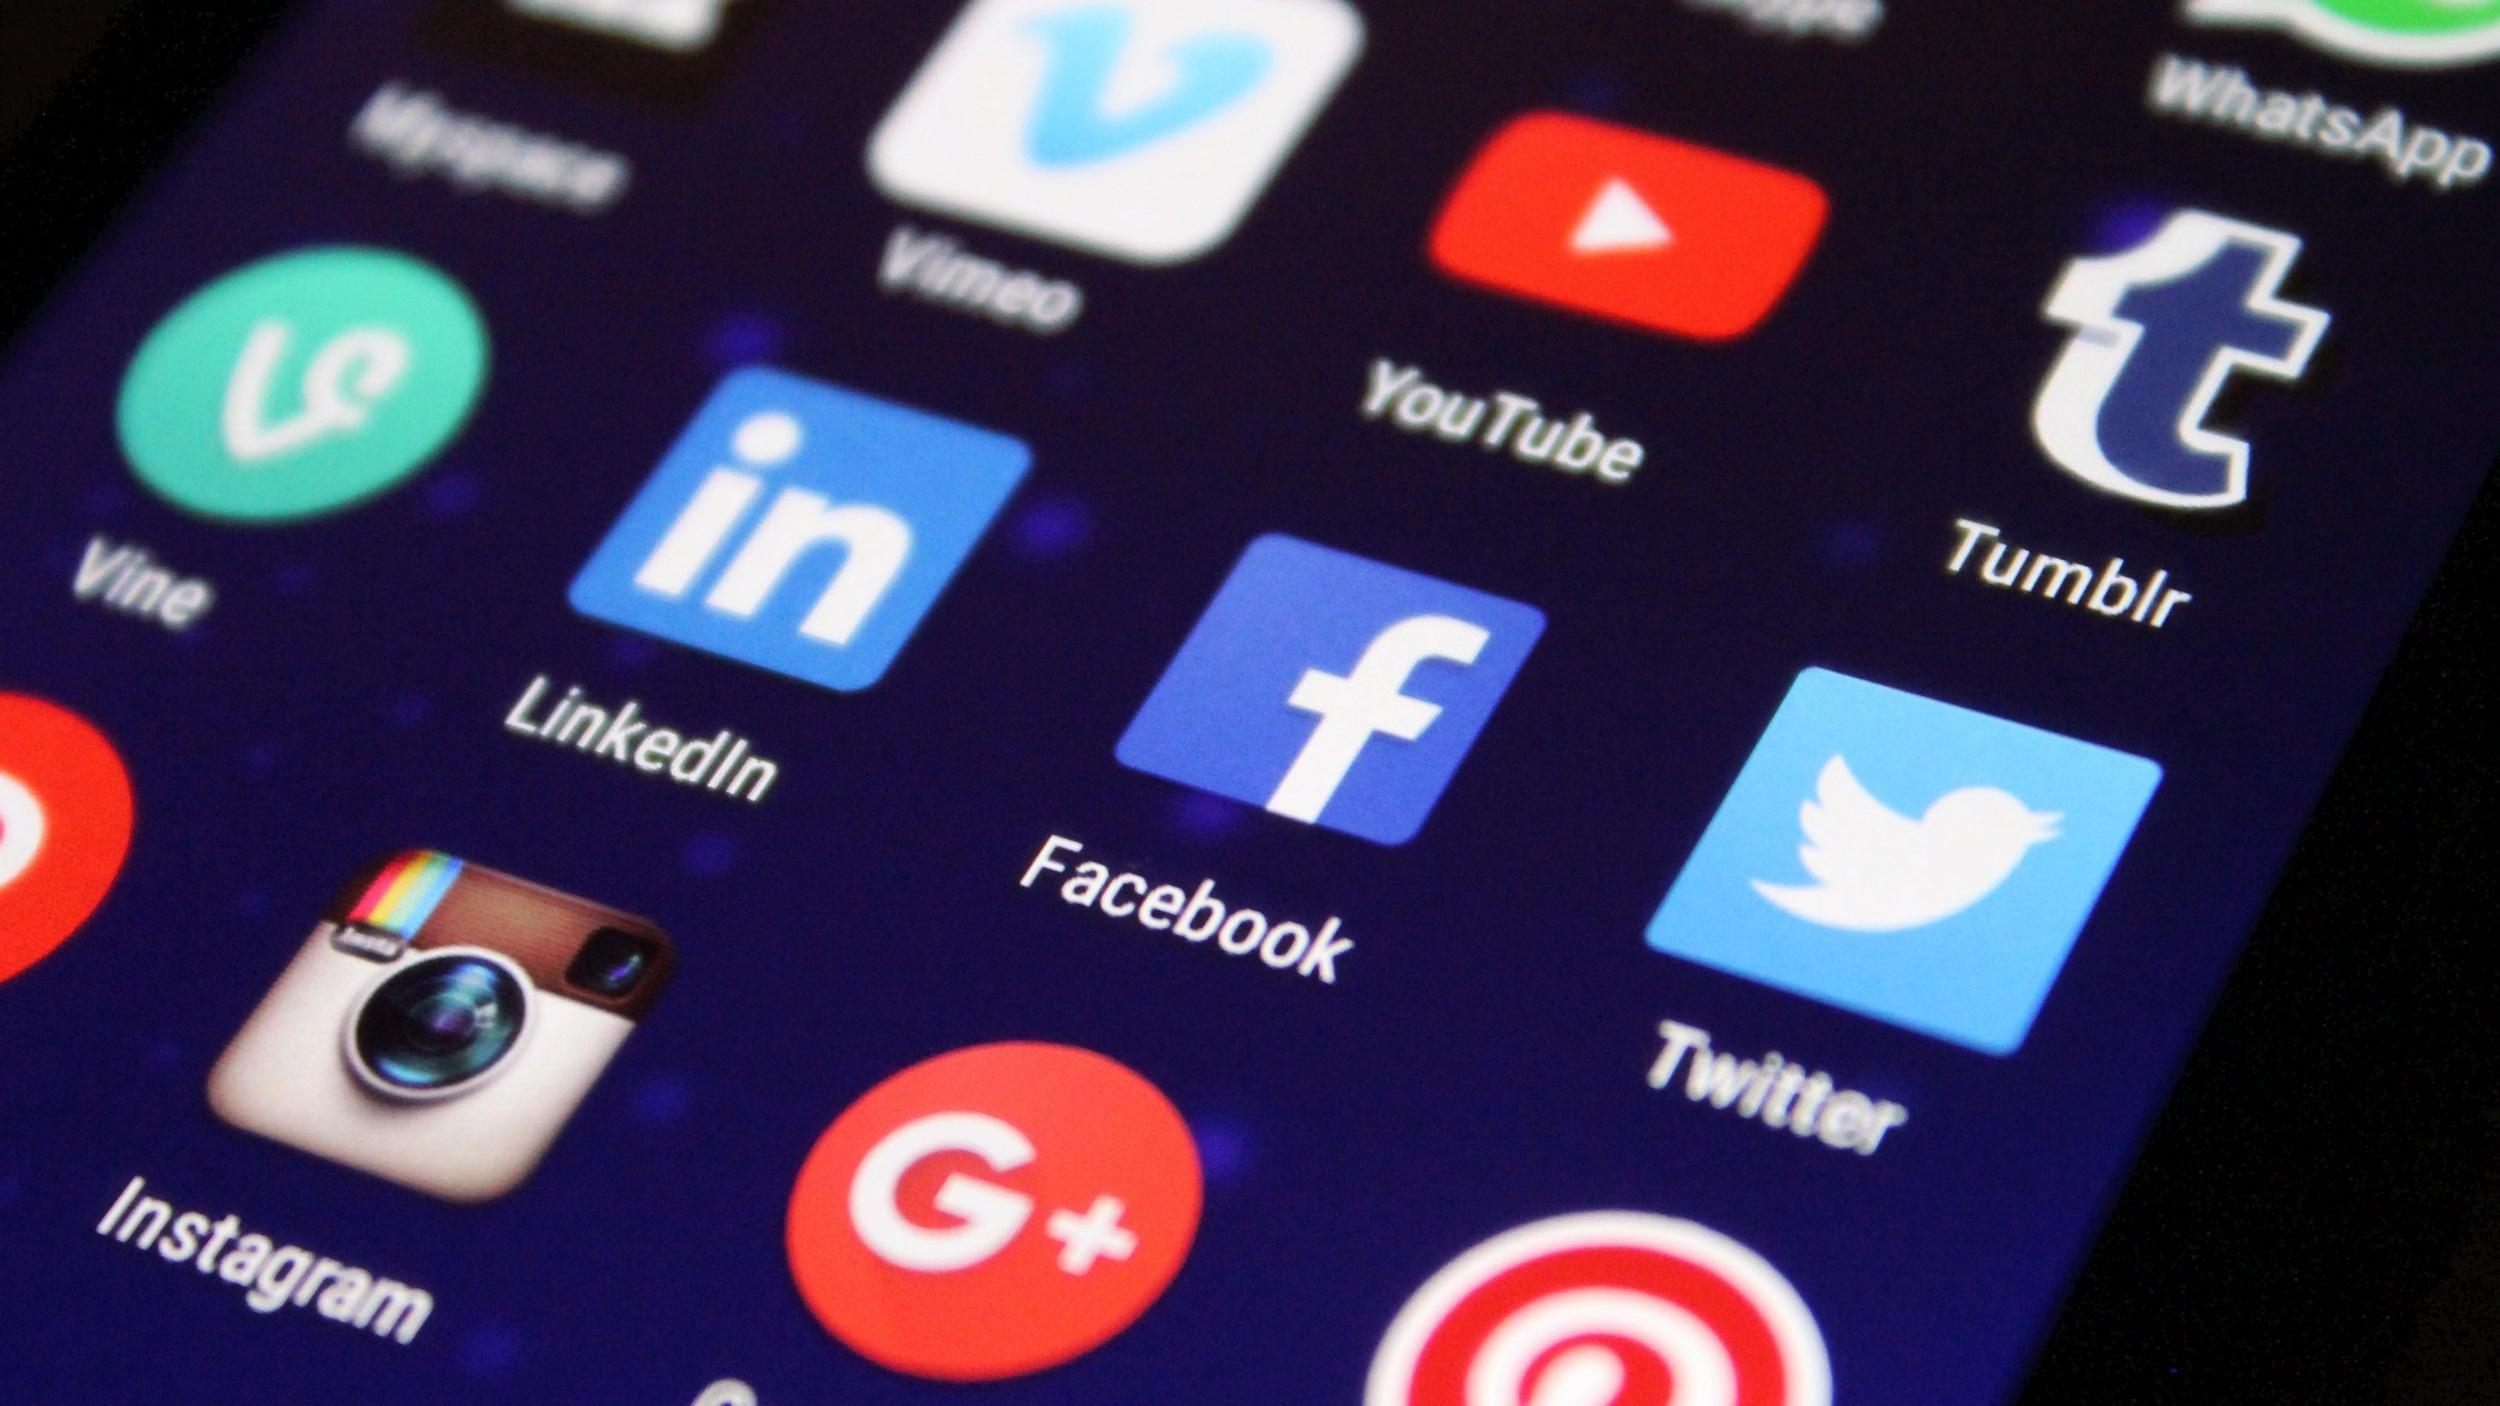 GO SOCIAL1x Per Week -